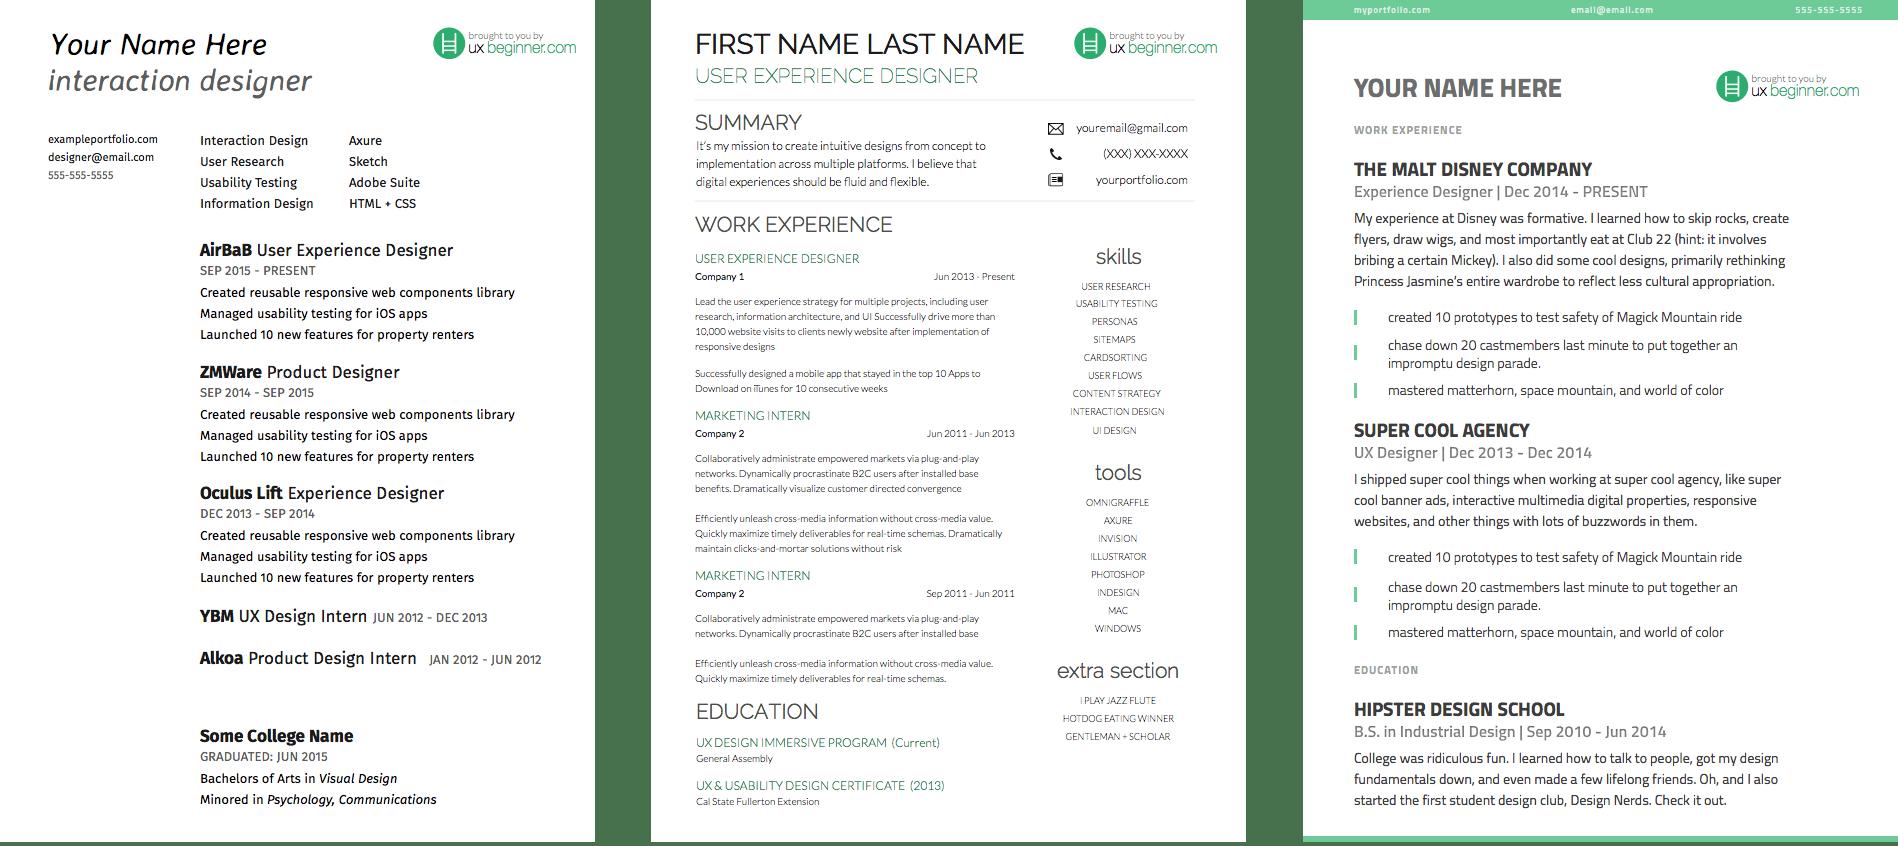 free coaching resume templates